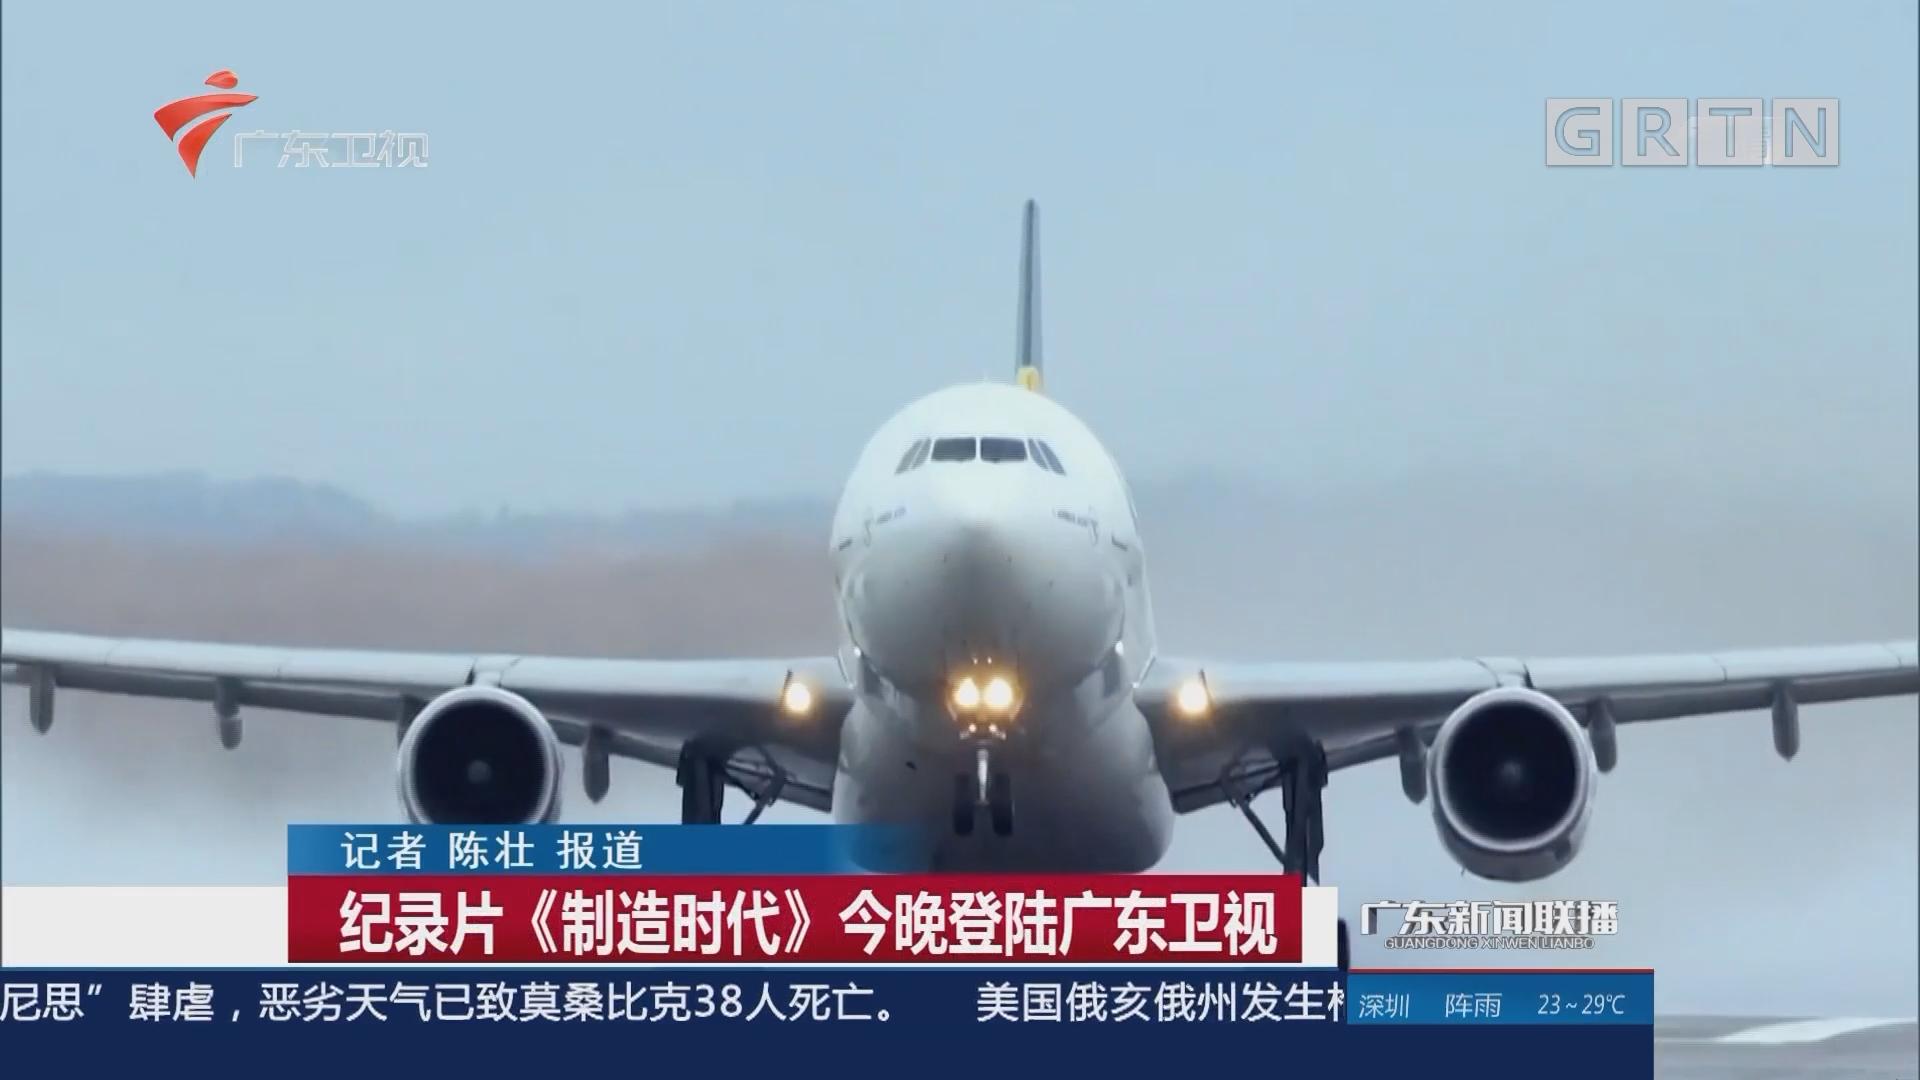 纪录片《制造时代》今晚登陆广东卫视